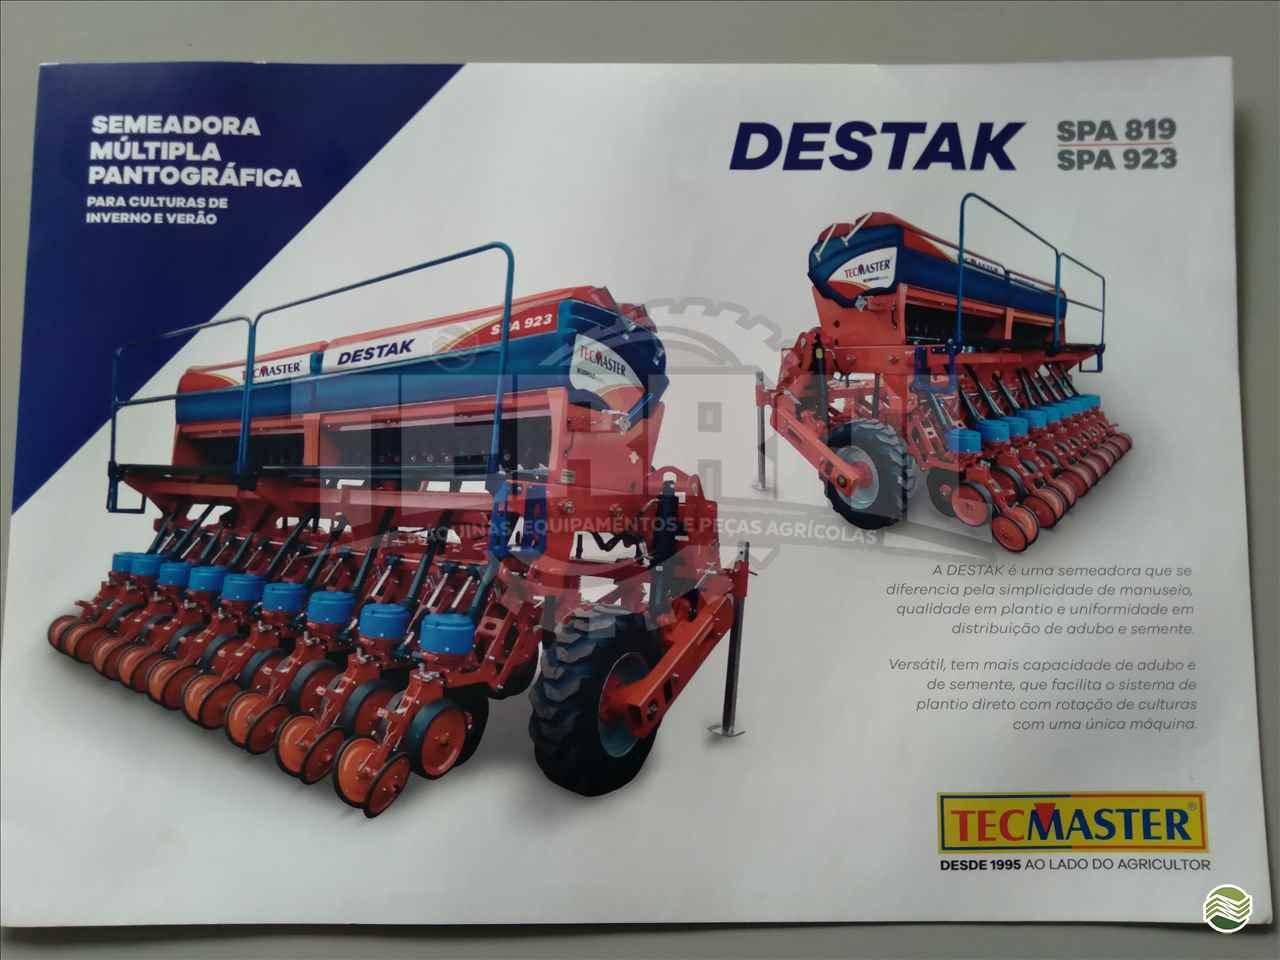 SEMEADEIRA DESTAK DESTAK SPA 923 Terral Máquinas e Peças Agrícolas CASCAVEL PARANÁ PR